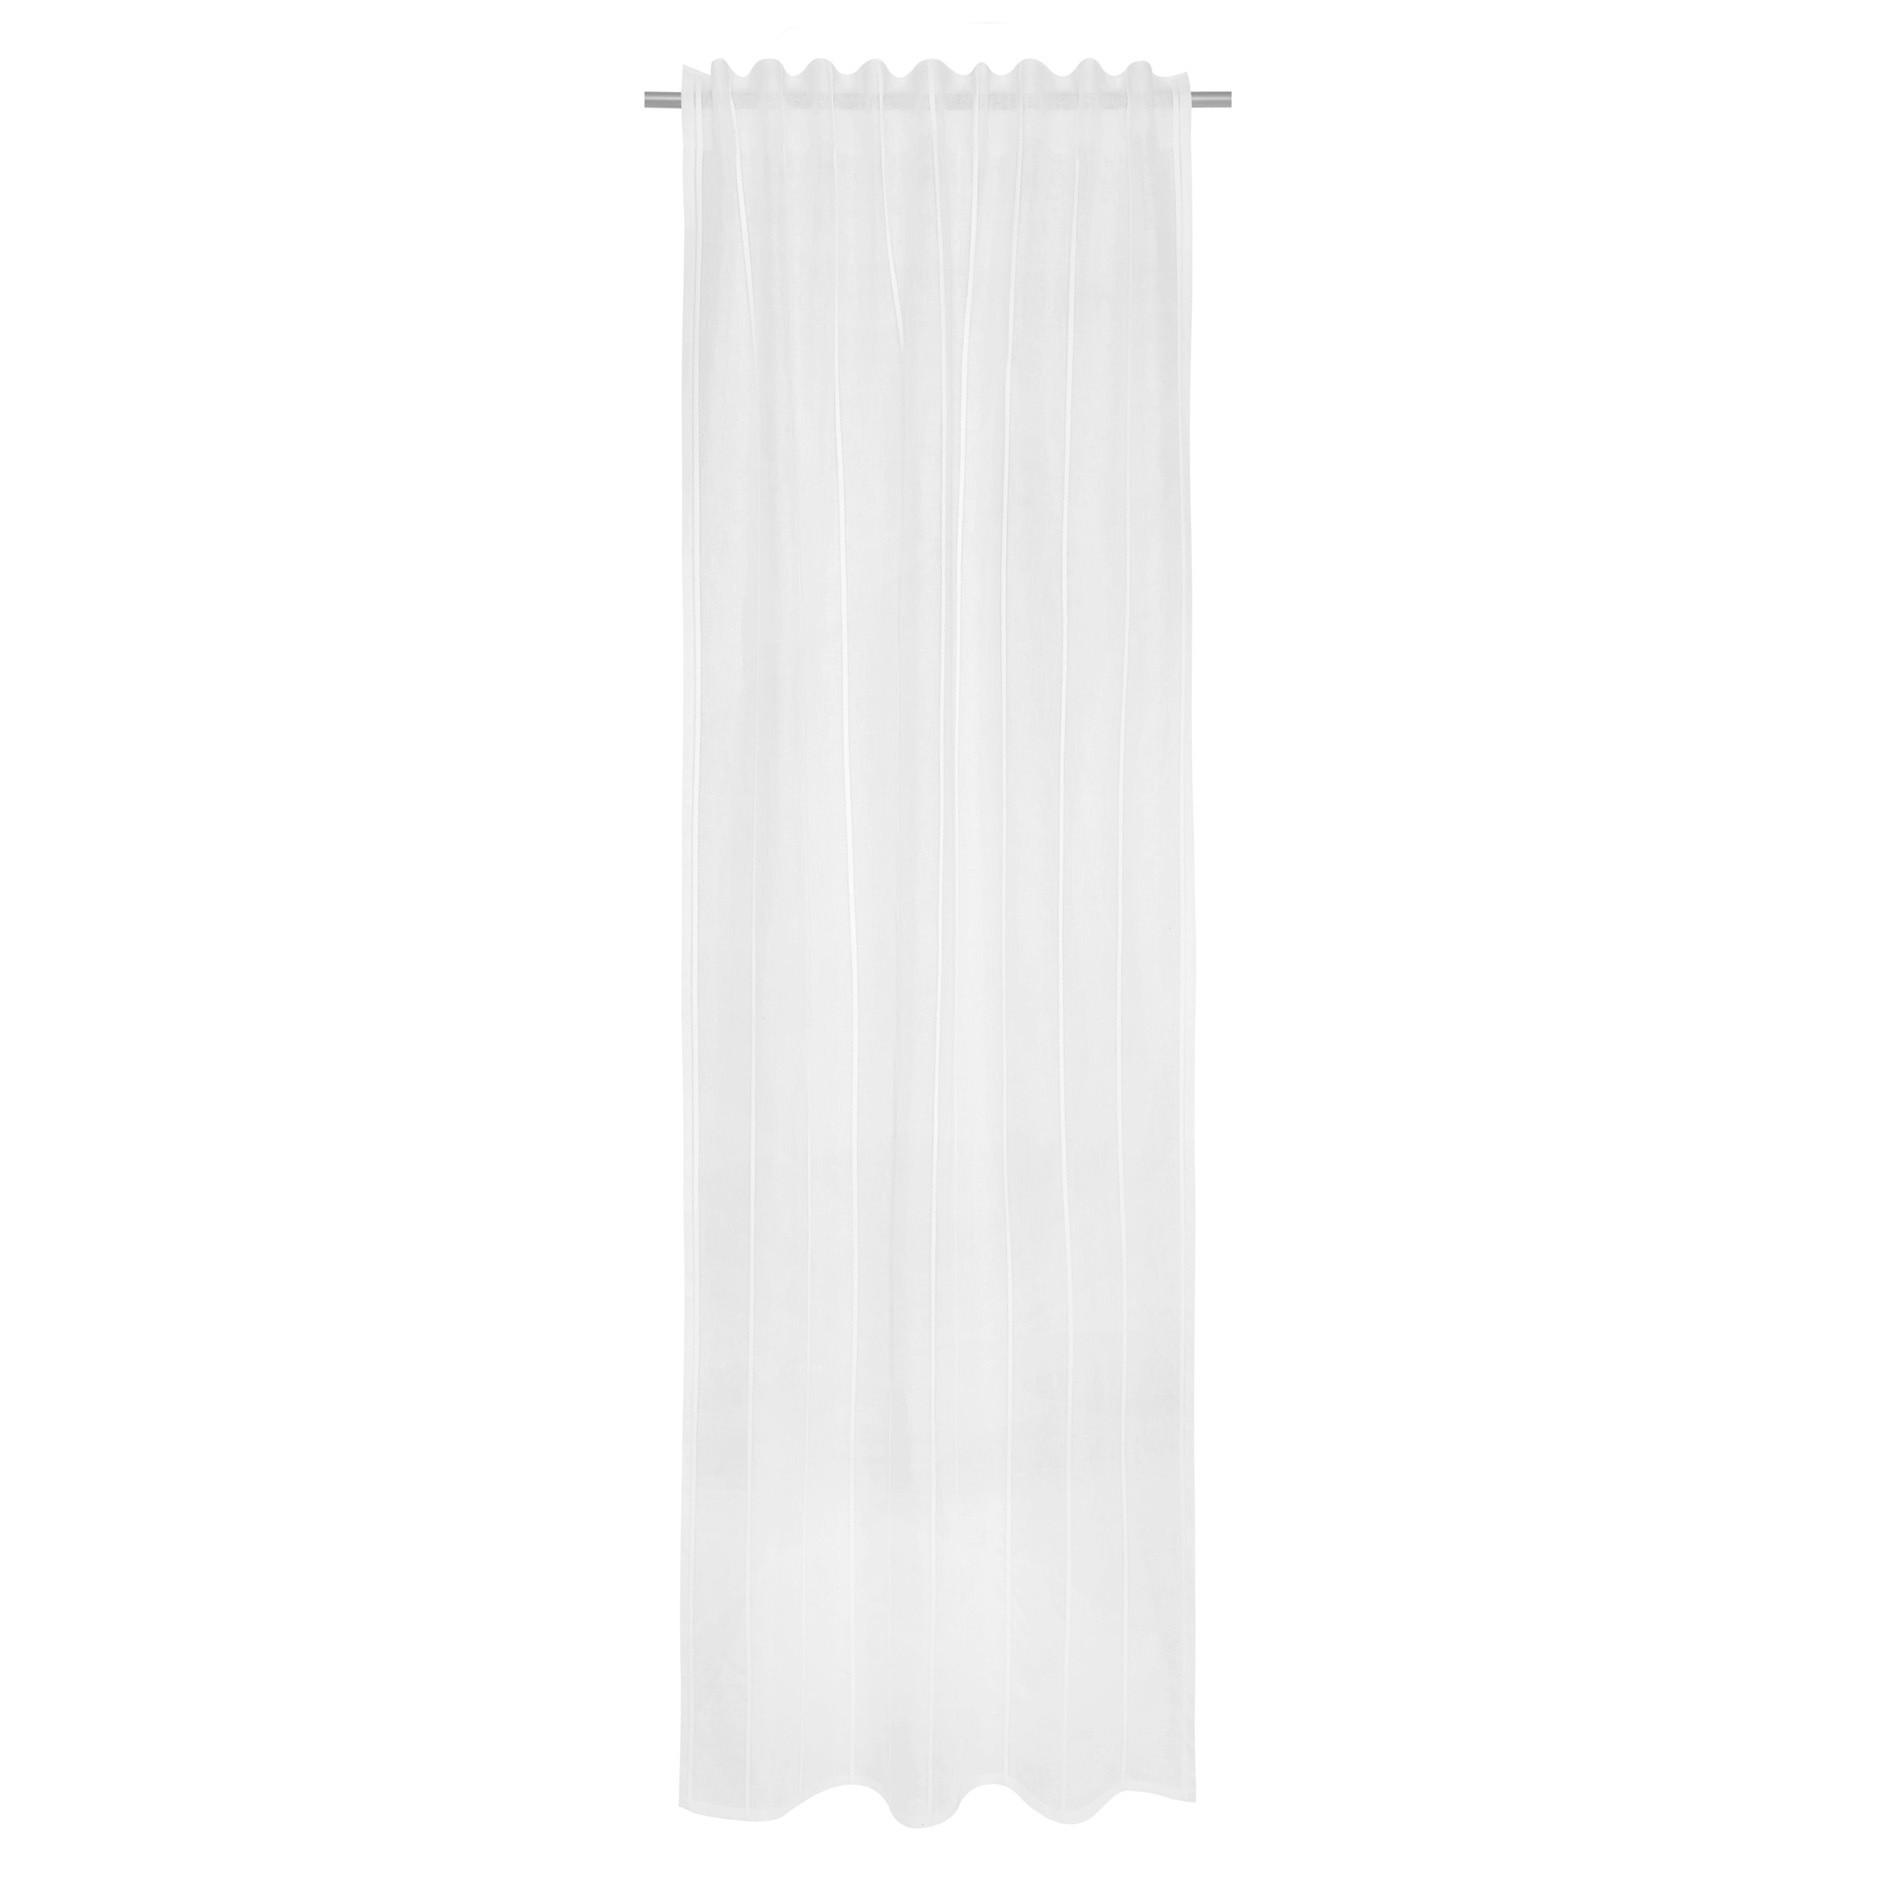 Tenda misto lino con applicazioni, Bianco, large image number 2